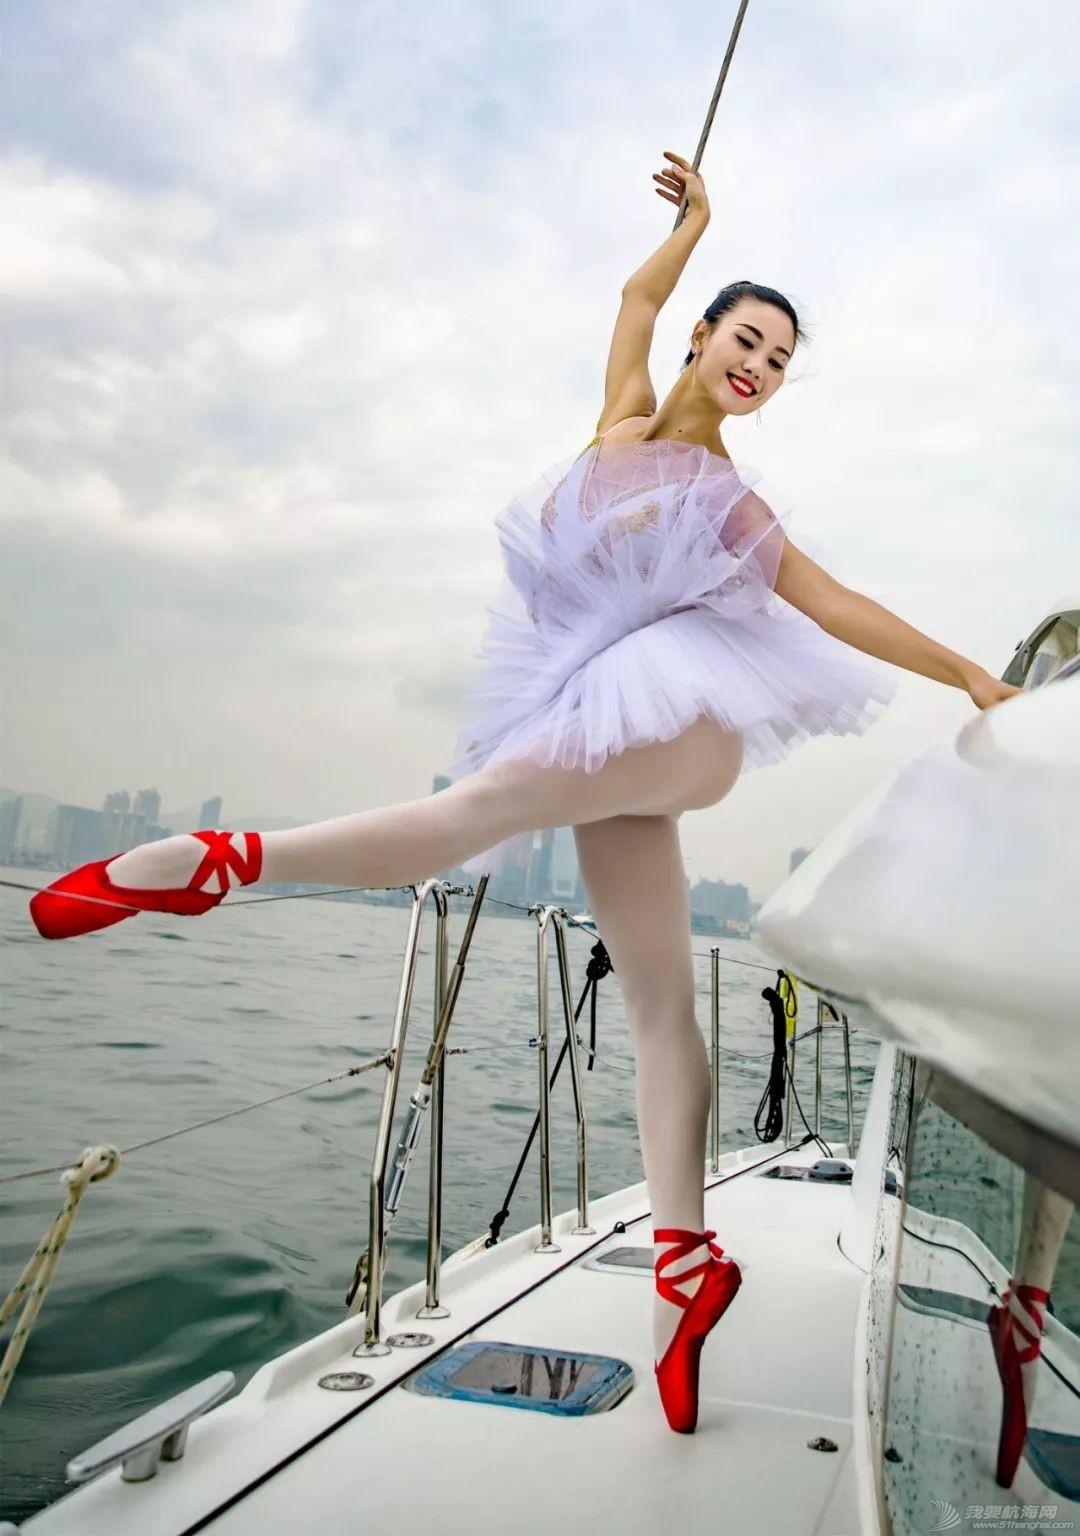 女水手跳舞:甲板上的意外收获w1.jpg